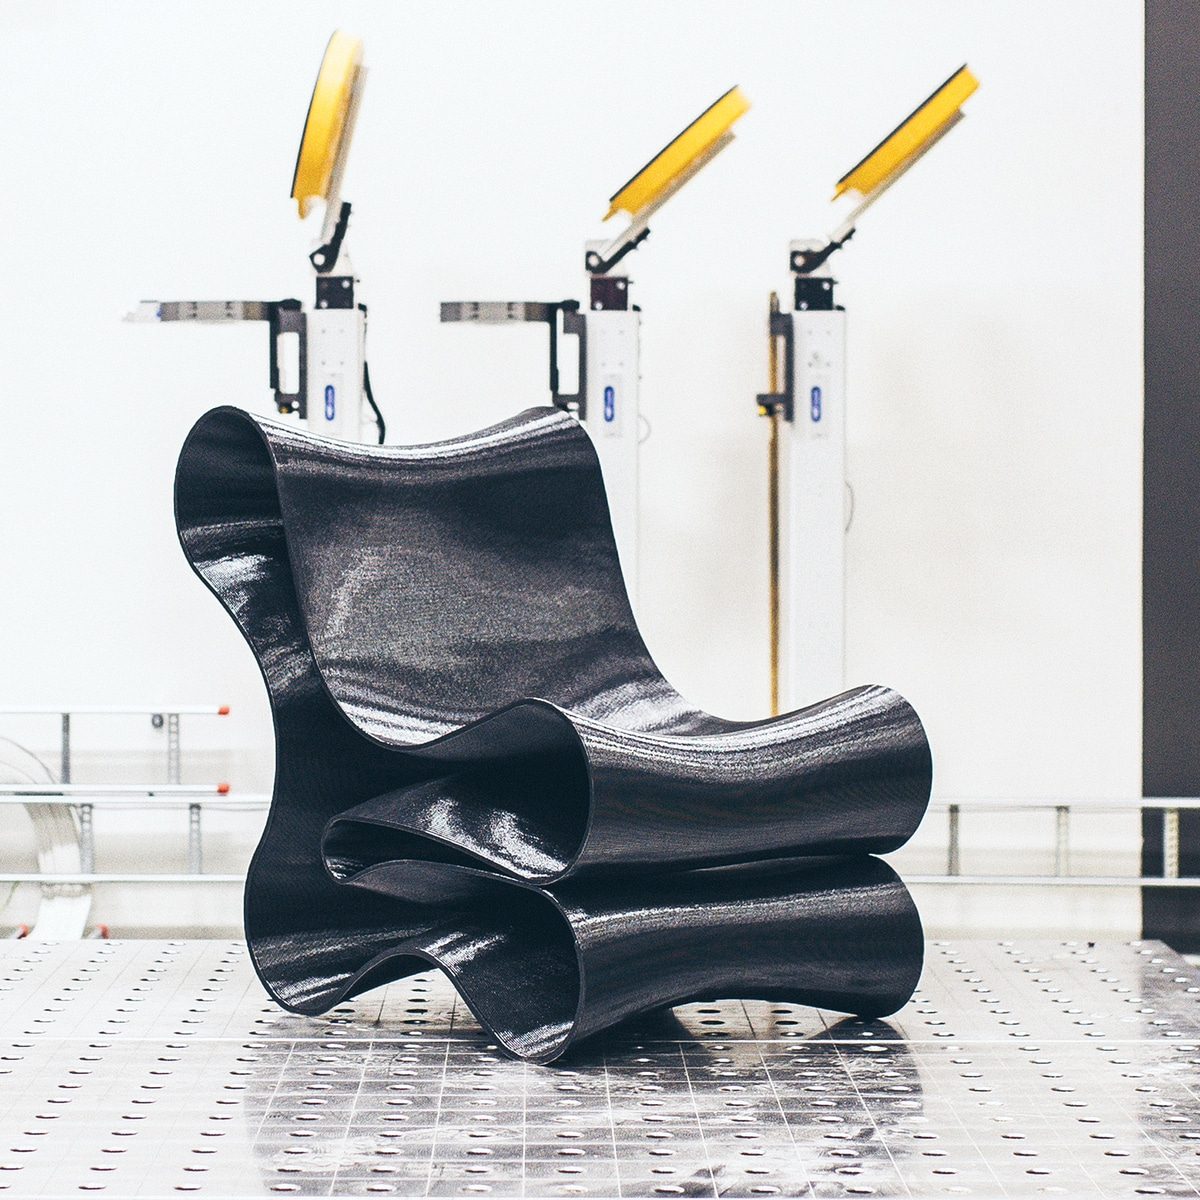 Sculptur chair made with 3D technology